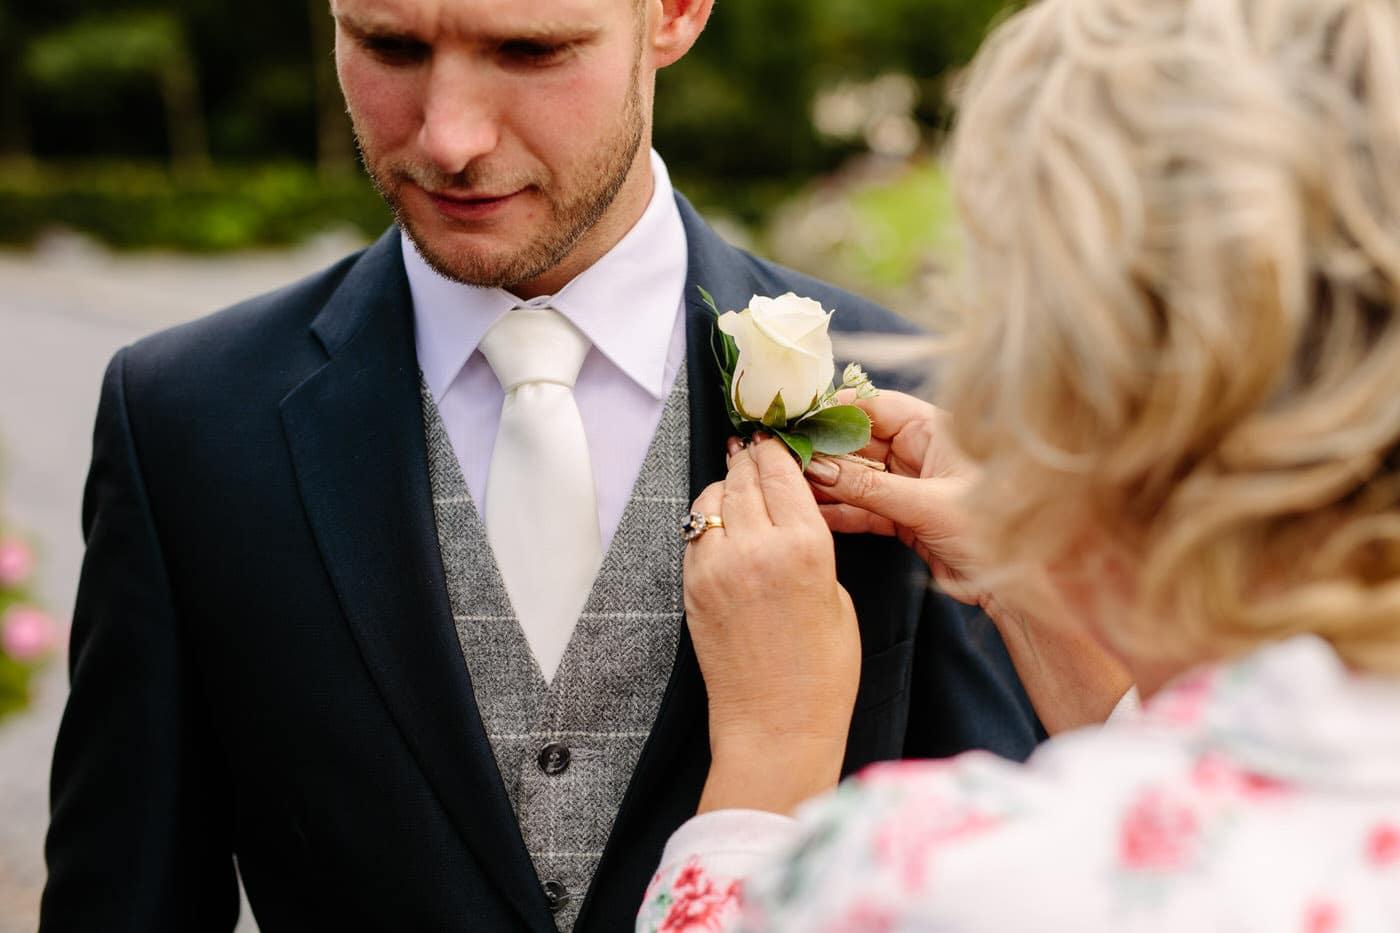 SG NORTH WALES WEDDING 183